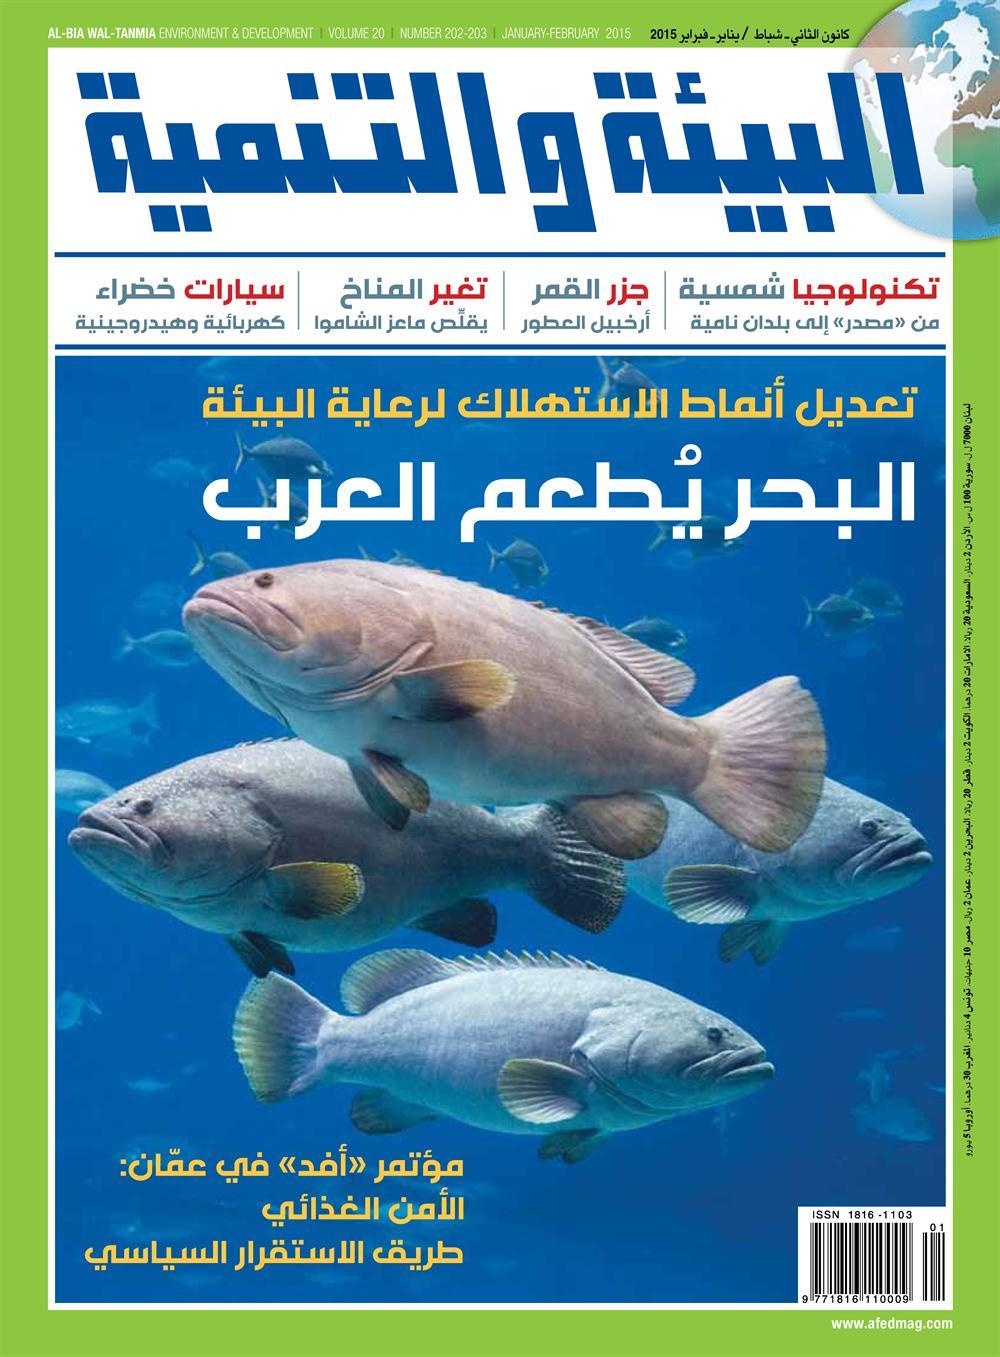 عدد يناير - فبراير من مجلة البيئة والتنمية